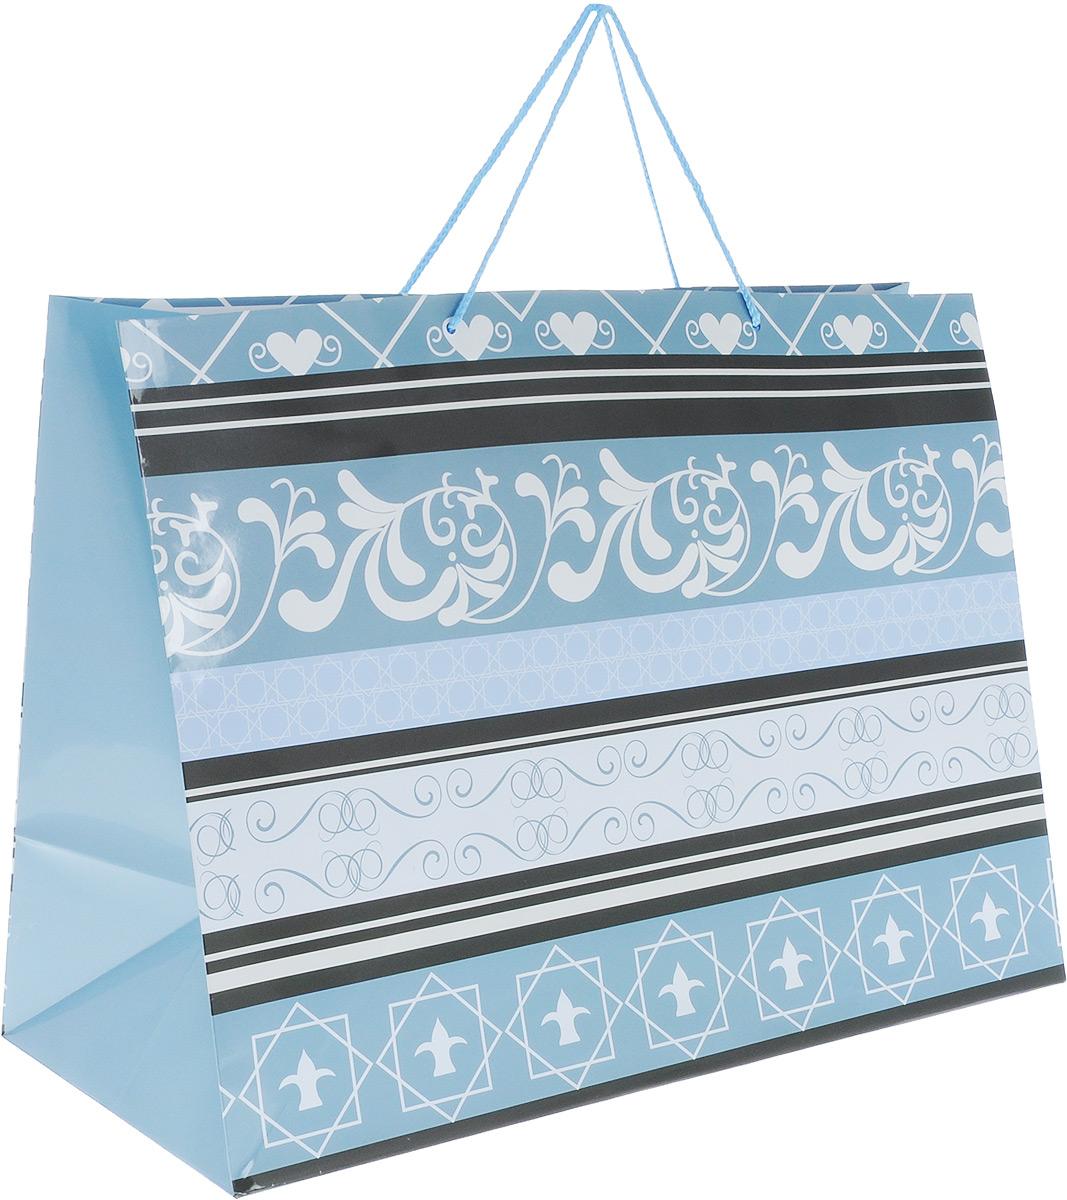 Пакет подарочный МегаМАГ Mix. Узоры, 56 х 41 х 24 см. 924/925 XXLH924/925 XXLH_чёрный,белый,серыйПодарочный пакет МегаМАГ Mix. Узоры, изготовленный из плотной ламинированной бумаги, станет незаменимым дополнением к выбранному подарку. Для удобной переноски на пакете имеются ручки-шнурки. Подарок, преподнесенный в оригинальной упаковке, всегда будет самым эффектным и запоминающимся. Окружите близких людей вниманием и заботой, вручив презент в нарядном, праздничном оформлении.